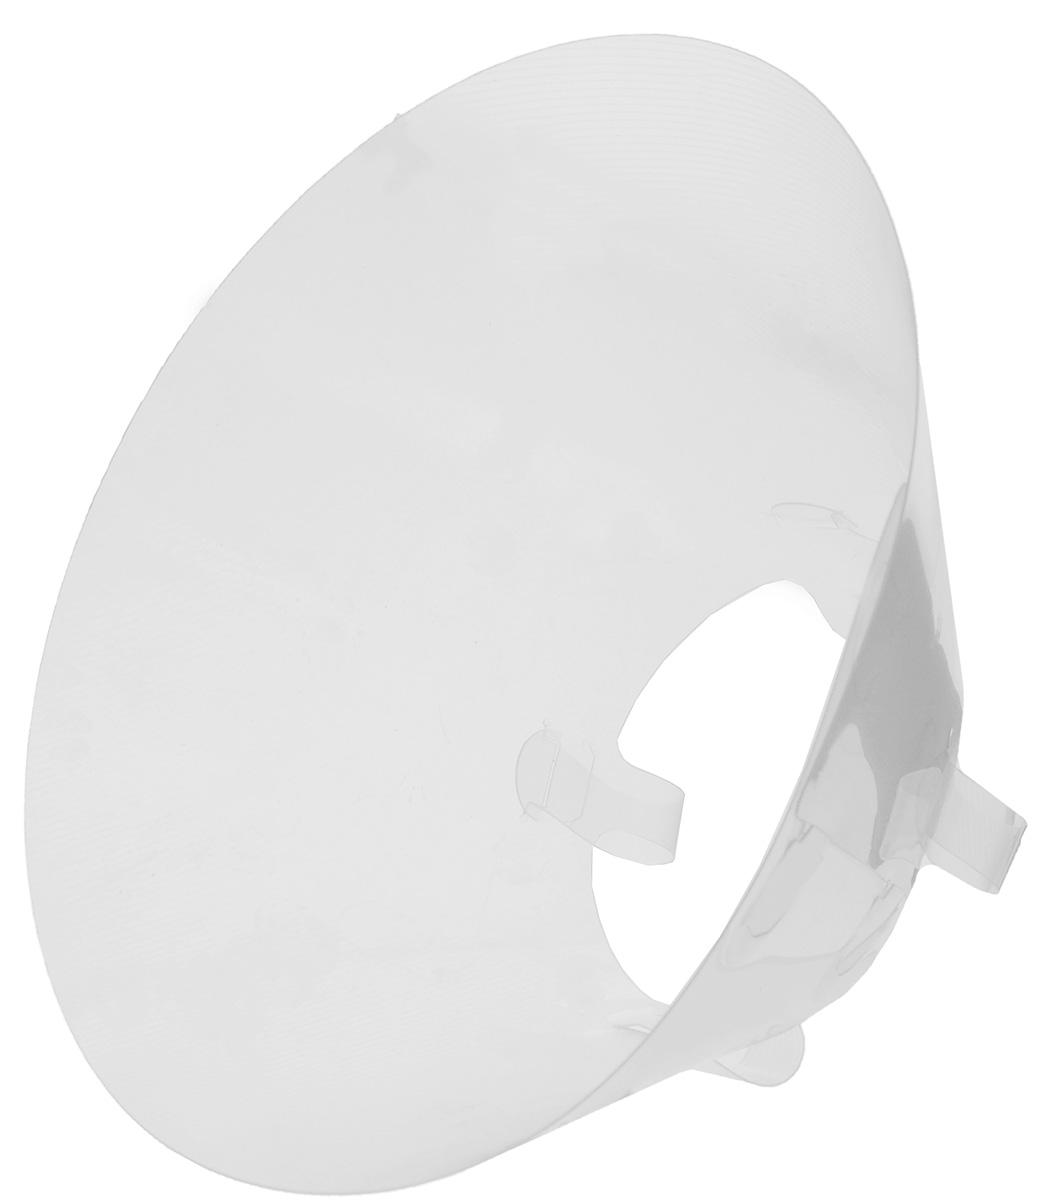 Воротник защитный Талисмед, обхват шеи 24-29 см12171996Защитный воротник Талисмед изготовлен из высококачественного нетоксичного пластика, который позволяет сохранять углы обзора для животного. Изделие разработано для ограничения доступа собаки к заживающей ране или послеоперационному шву. Простота в эксплуатации позволяет хозяевам самостоятельно одевать и снимать защитный воротник с собаки. Обхват шеи: 24-29 см.Высота воротника: 10 см.